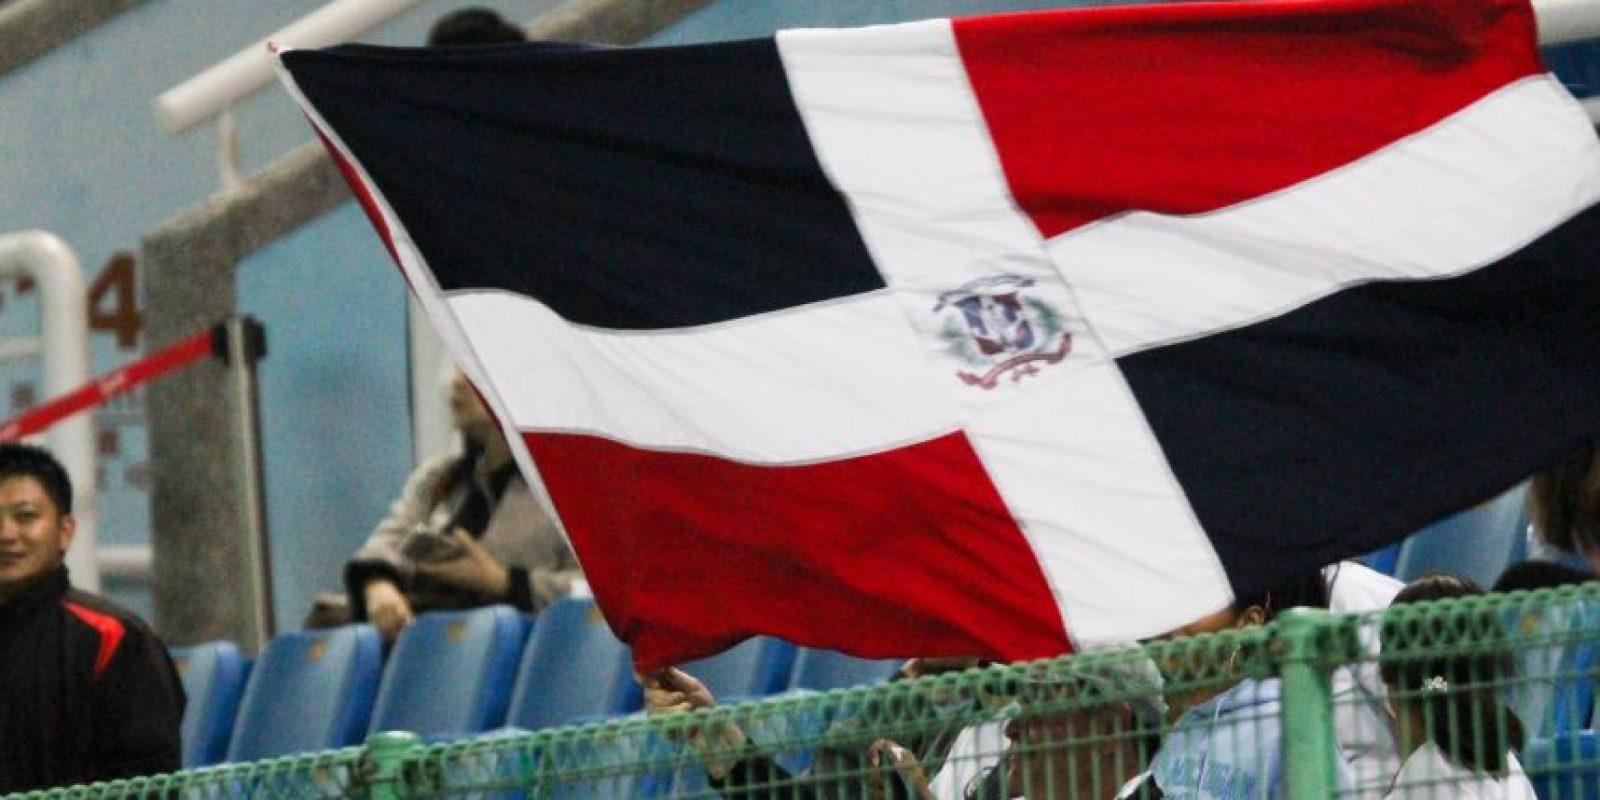 Parte de los fanáticos que fueron a darle su apoyo al equipo dominicano Foto:Fuente Externa